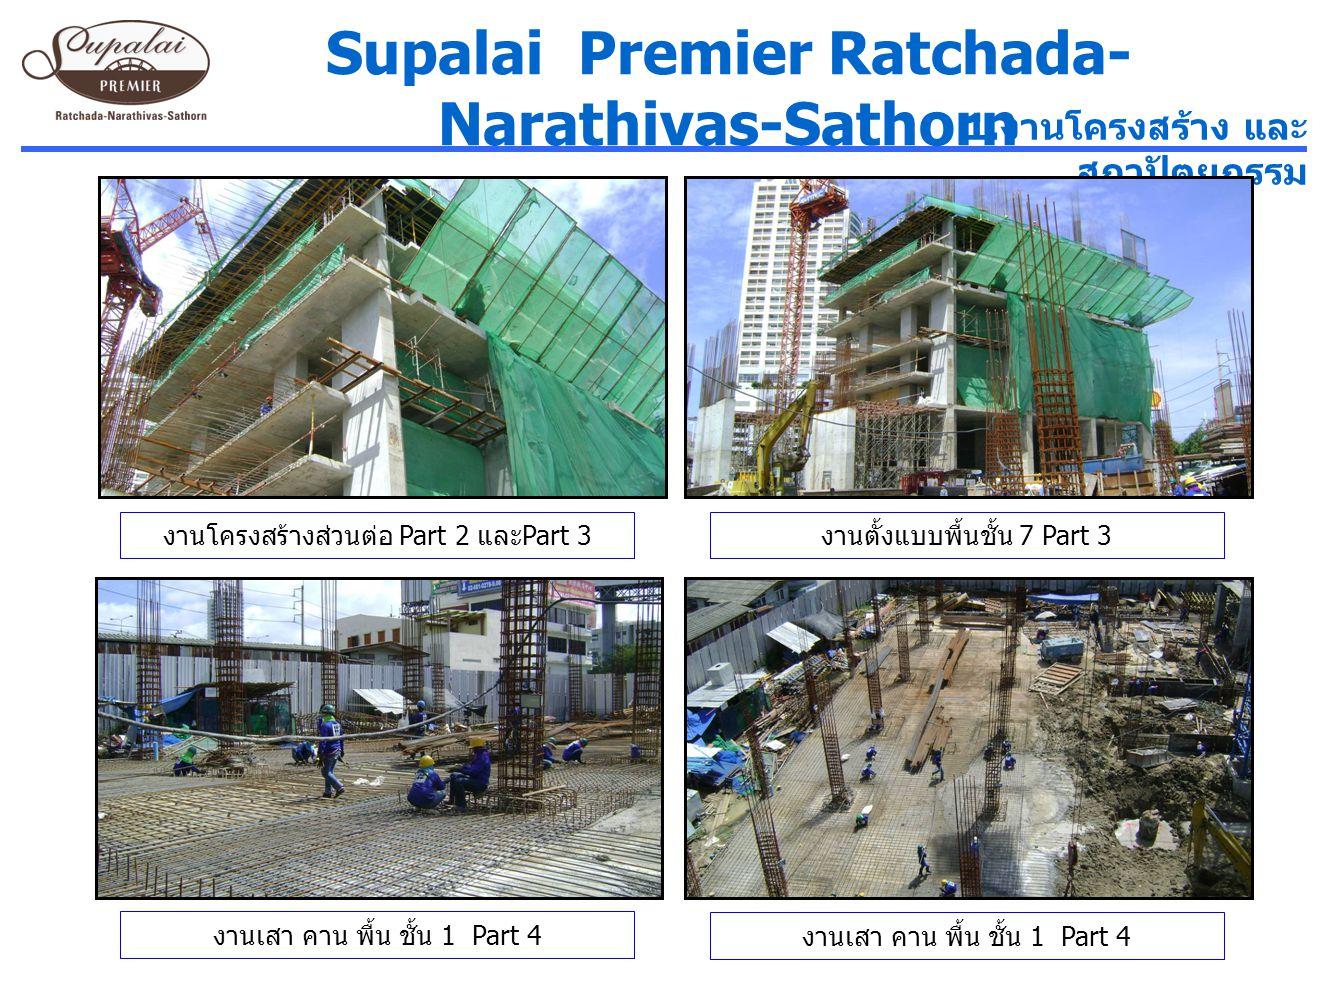 งานโครงสร้างส่วนต่อ Part 2 และ Part 3 งานเสา คาน พื้น ชั้น 1 Part 4 งานตั้งแบบพื้นชั้น 7 Part 3 งานเสา คาน พื้น ชั้น 1 Part 4 Supalai Premier Ratchada